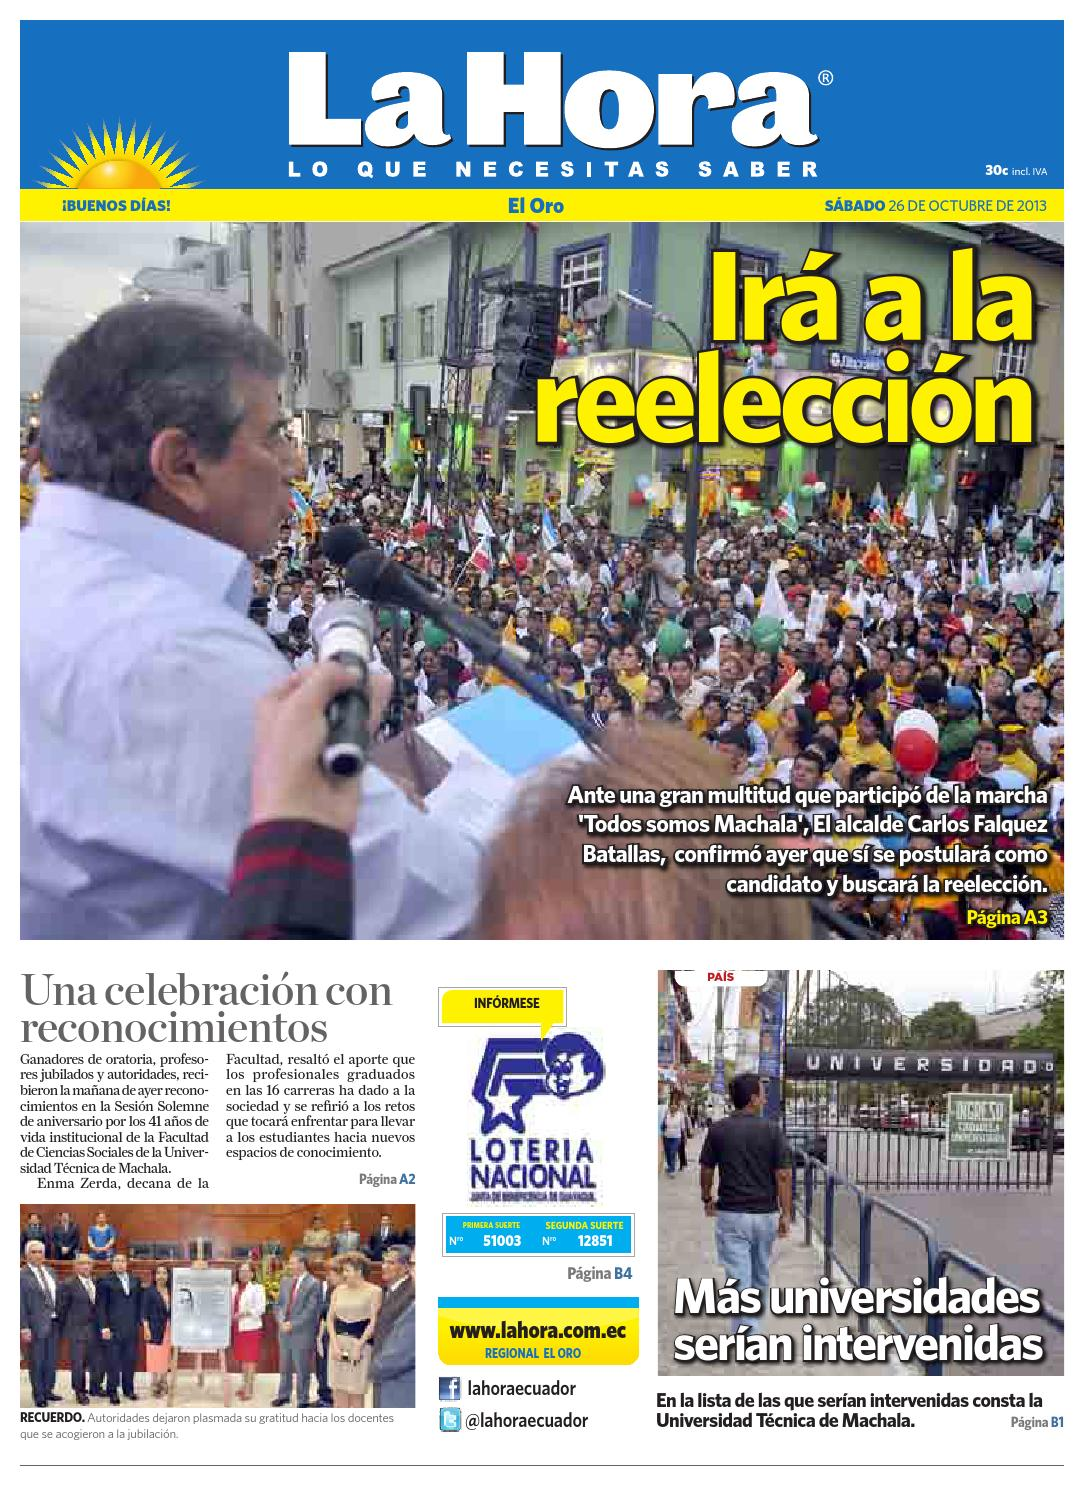 Diario La Hora El Oro 26 de Octubre 2013 by Diario La Hora Ecuador - issuu 9eca968a35fc